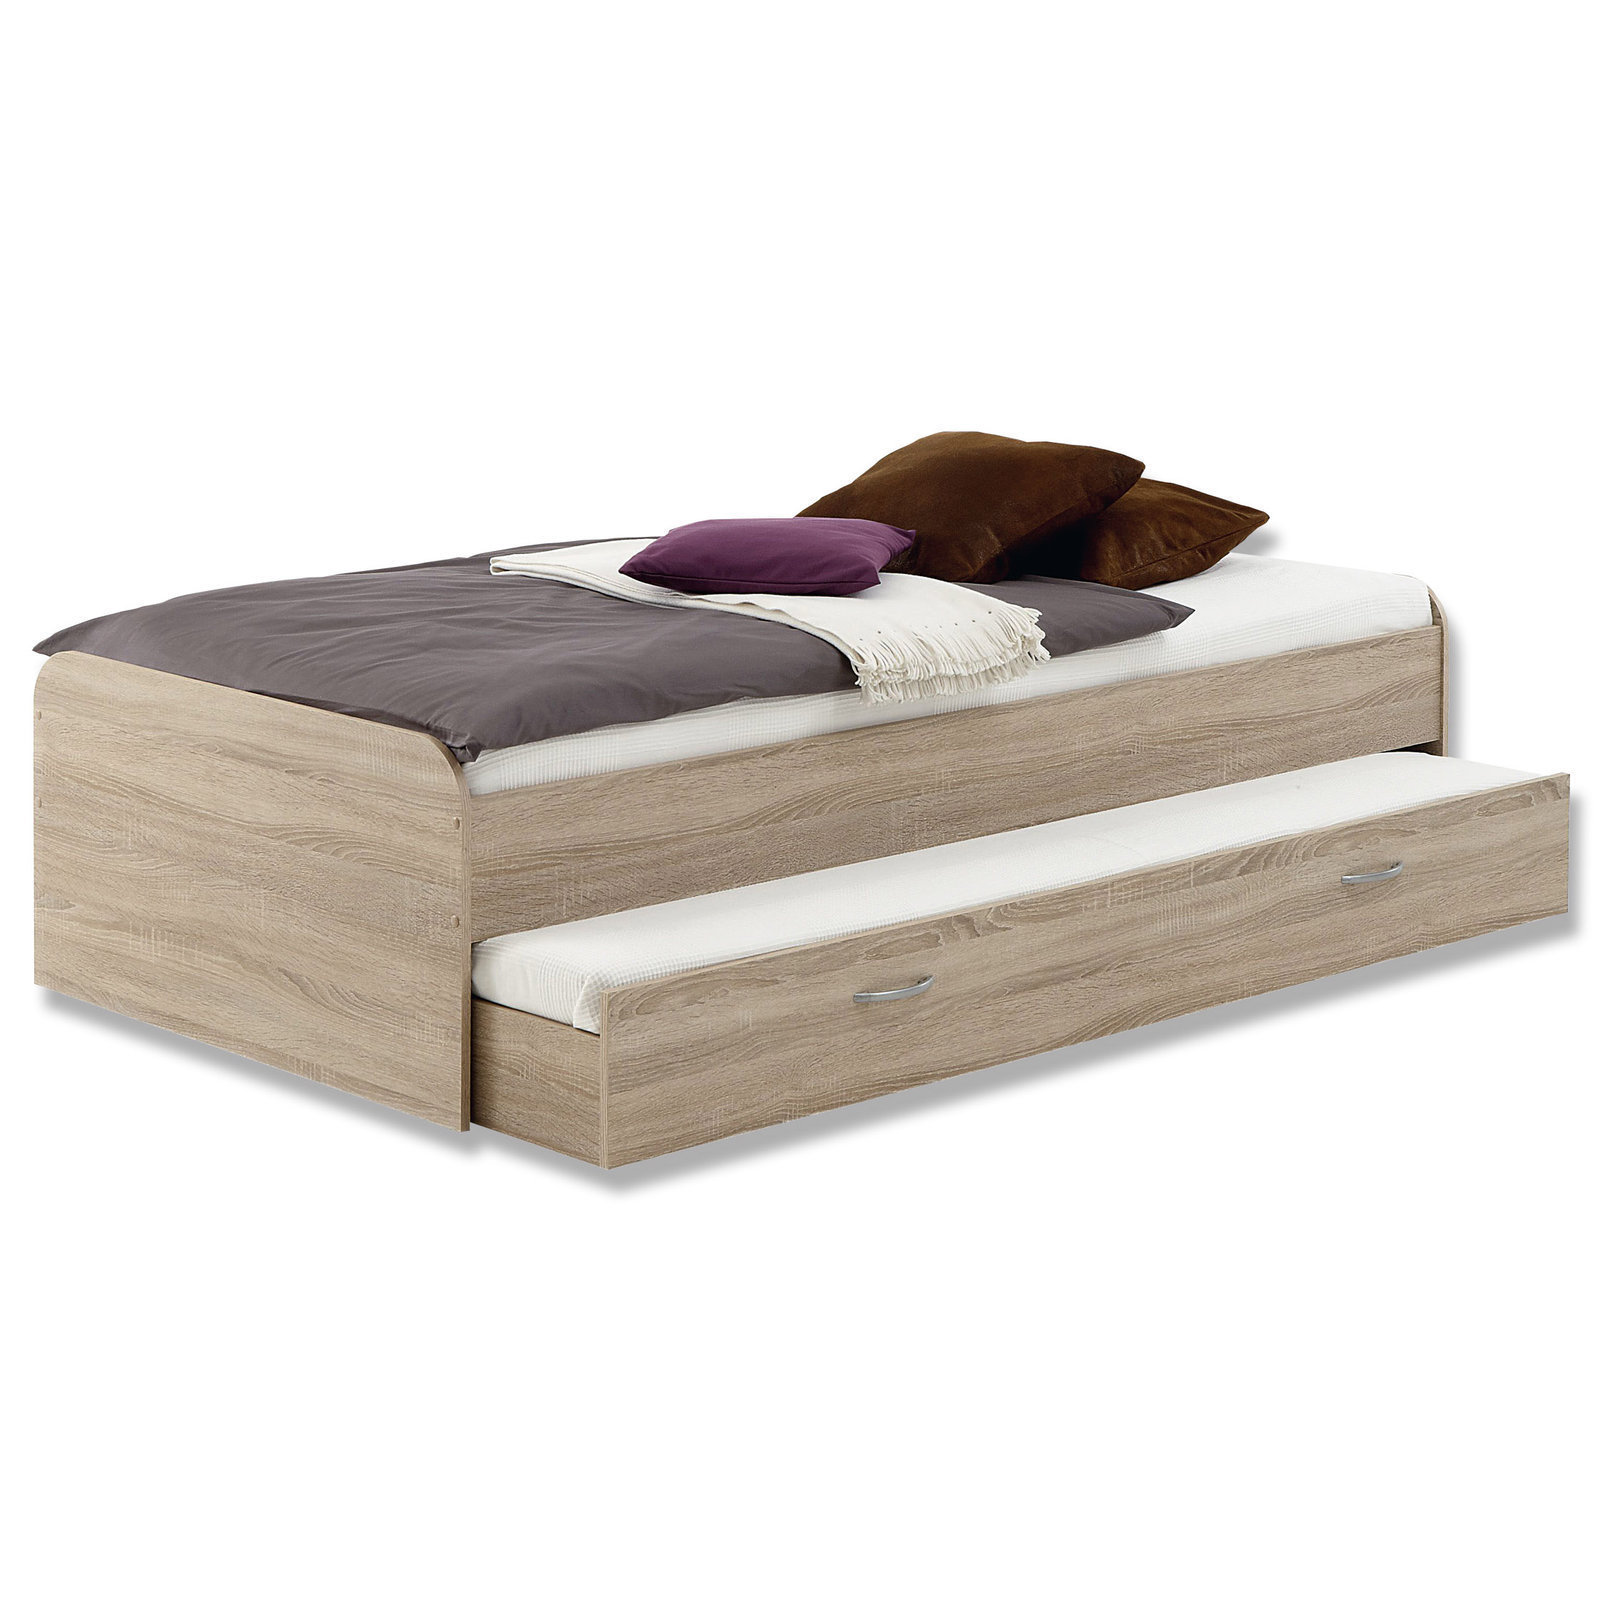 Full Size of Poco Küche Big Sofa Bett 140x200 Schlafzimmer Komplett Betten Wohnzimmer Kinderbett Poco